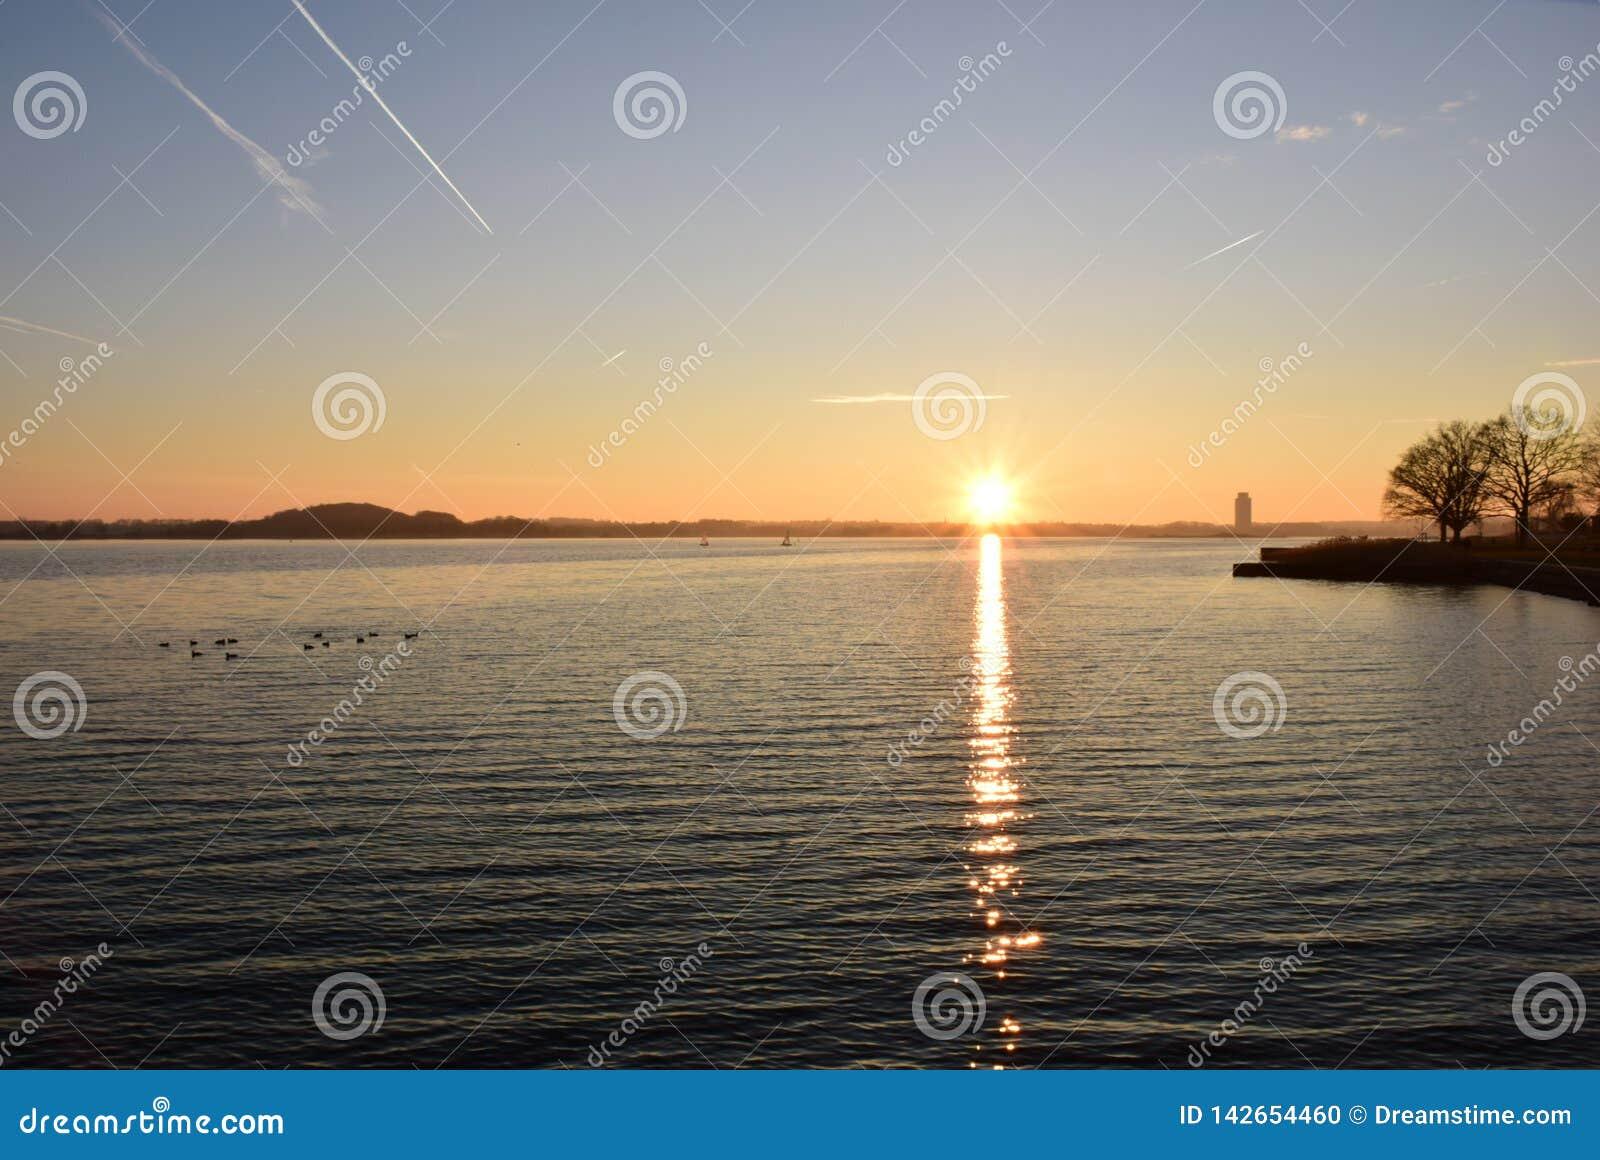 De bezinning van de zon bij zonsondergang